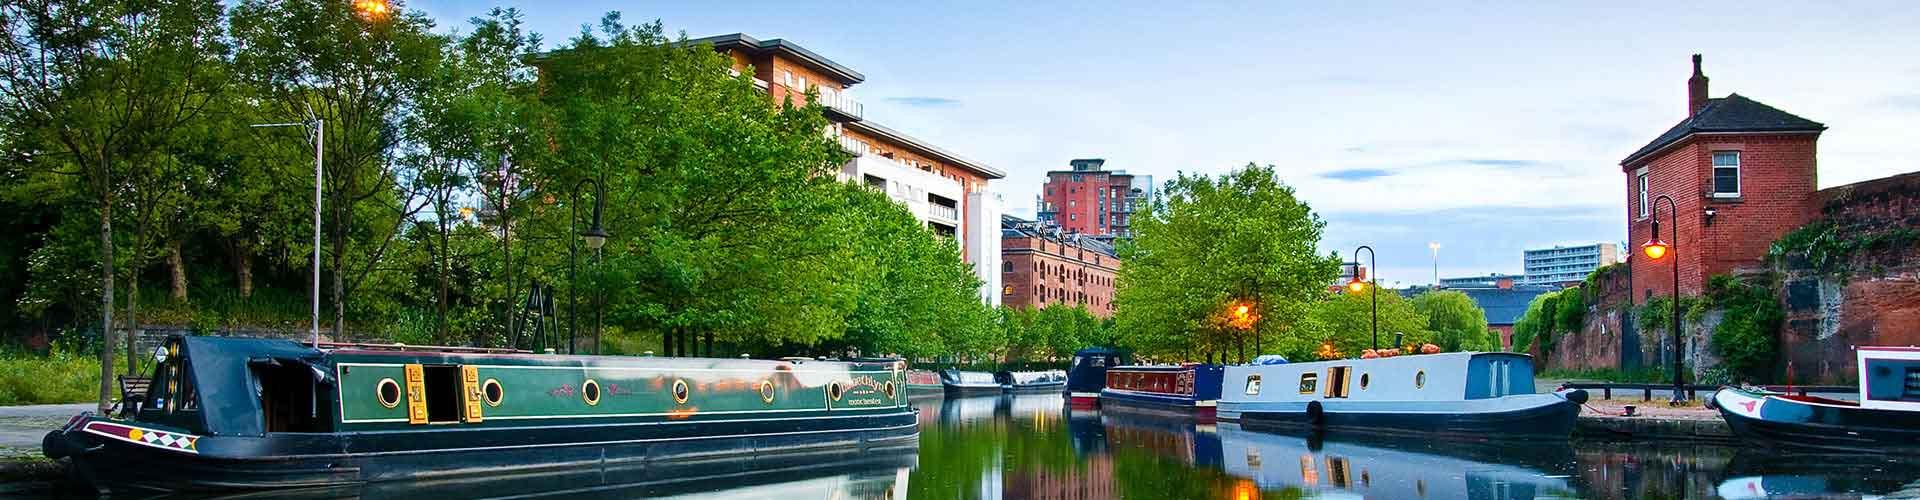 Manchester - Zimmer in Manchester. Manchester auf der Karte. Fotos und Bewertungen für jedes Zimmer in Manchester.